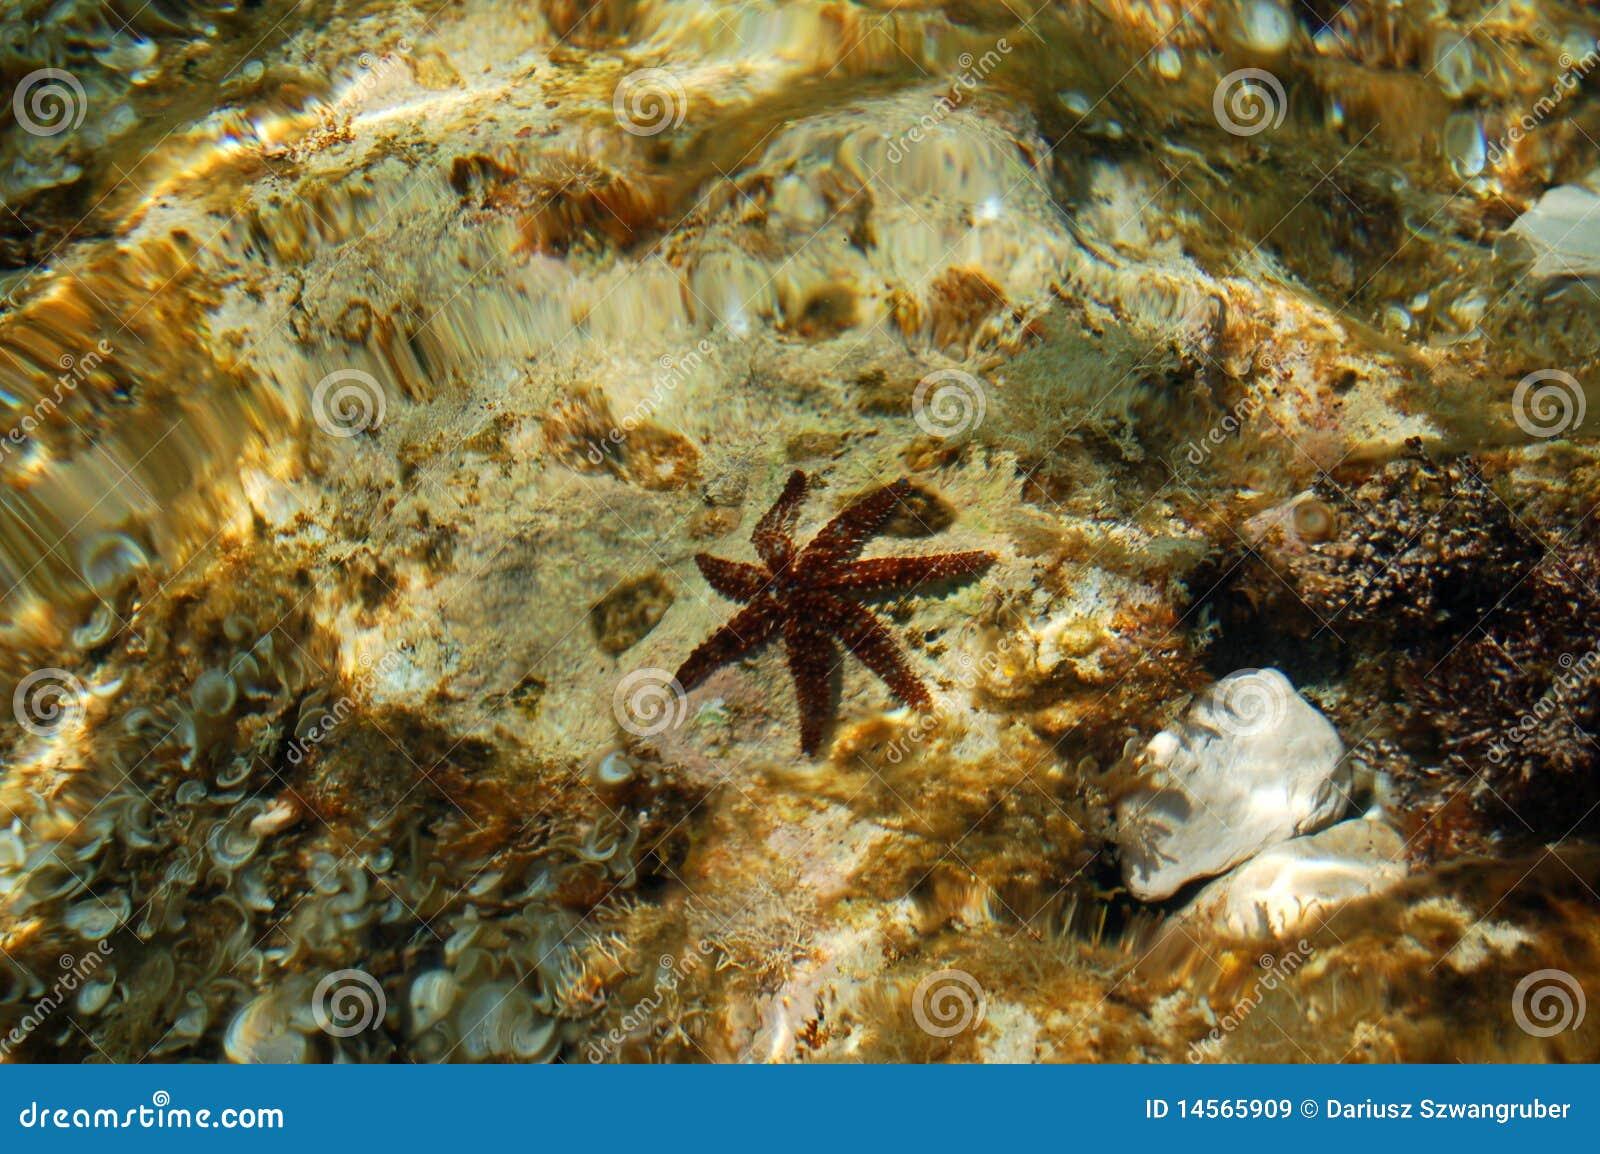 Estrellas de mar en agua